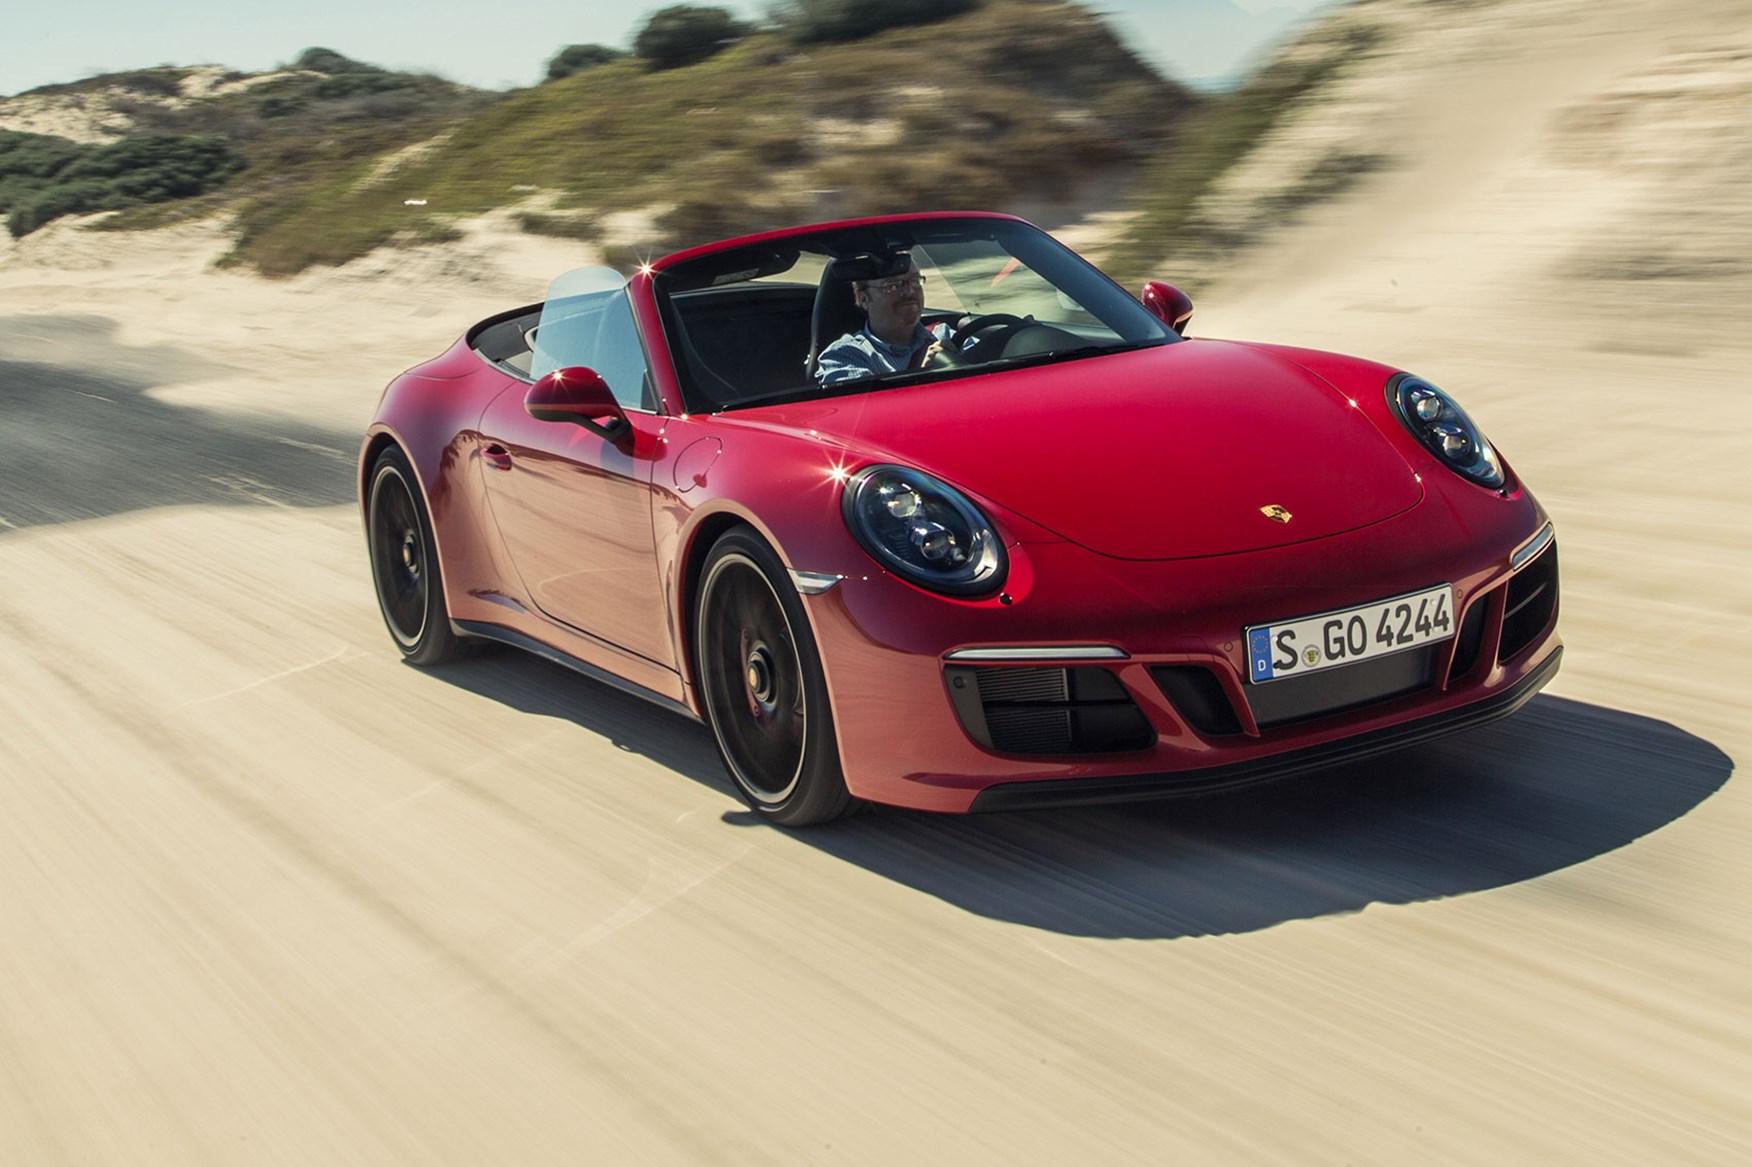 porsche_911_gts_01 Wonderful Porsche 911 Gt2 Rs Review Cars Trend